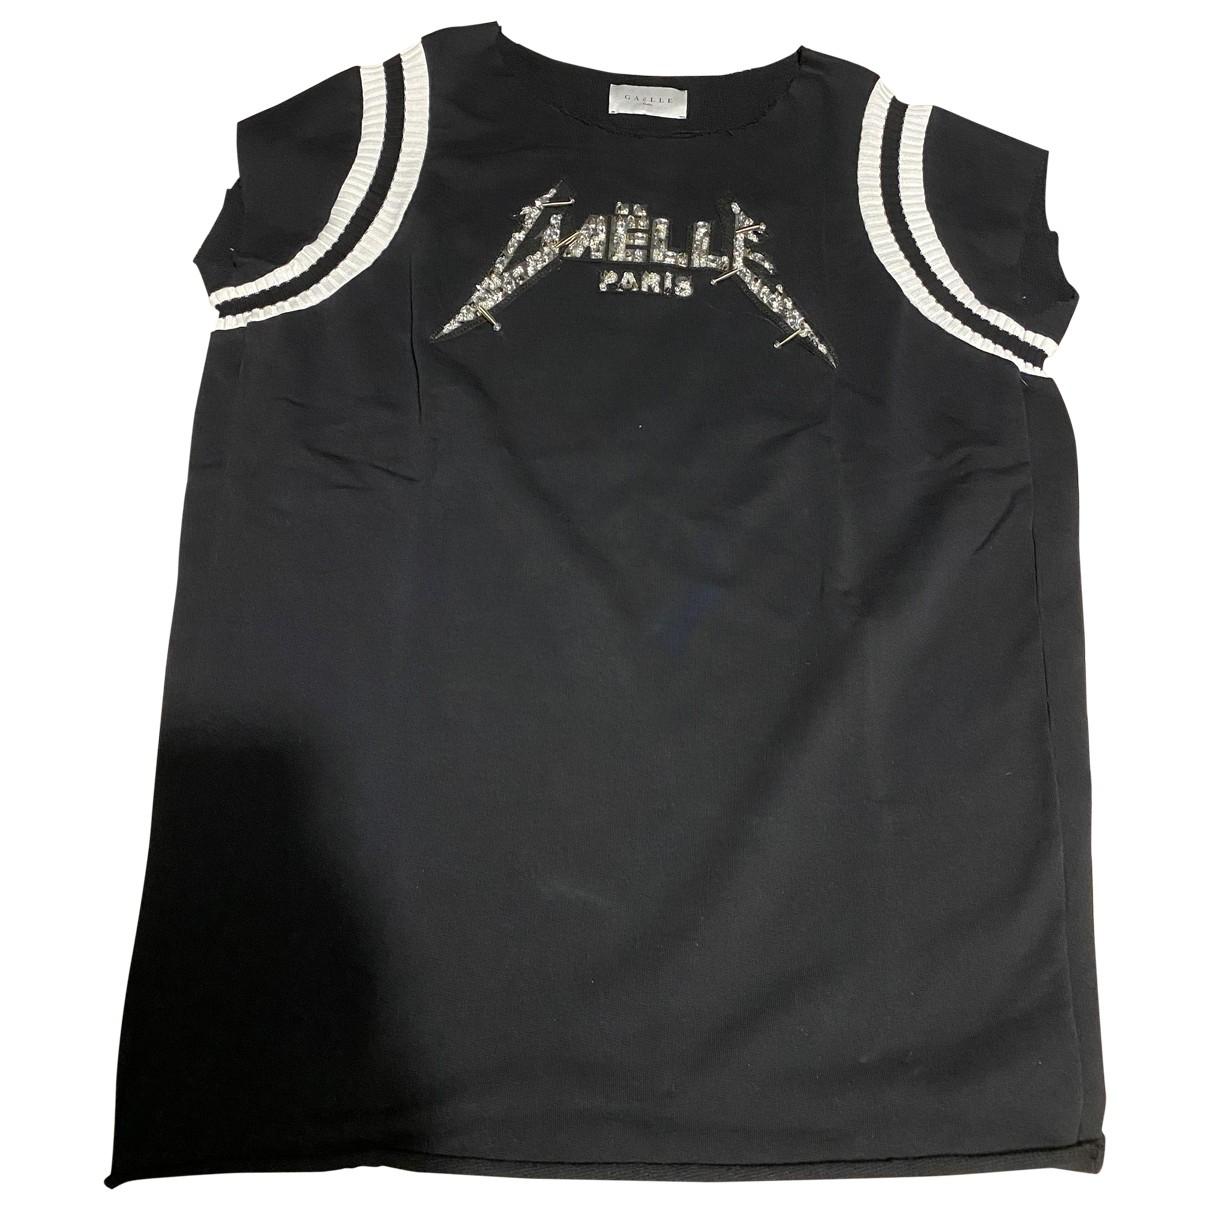 Gaelle Paris - Pull   pour femme en coton - noir